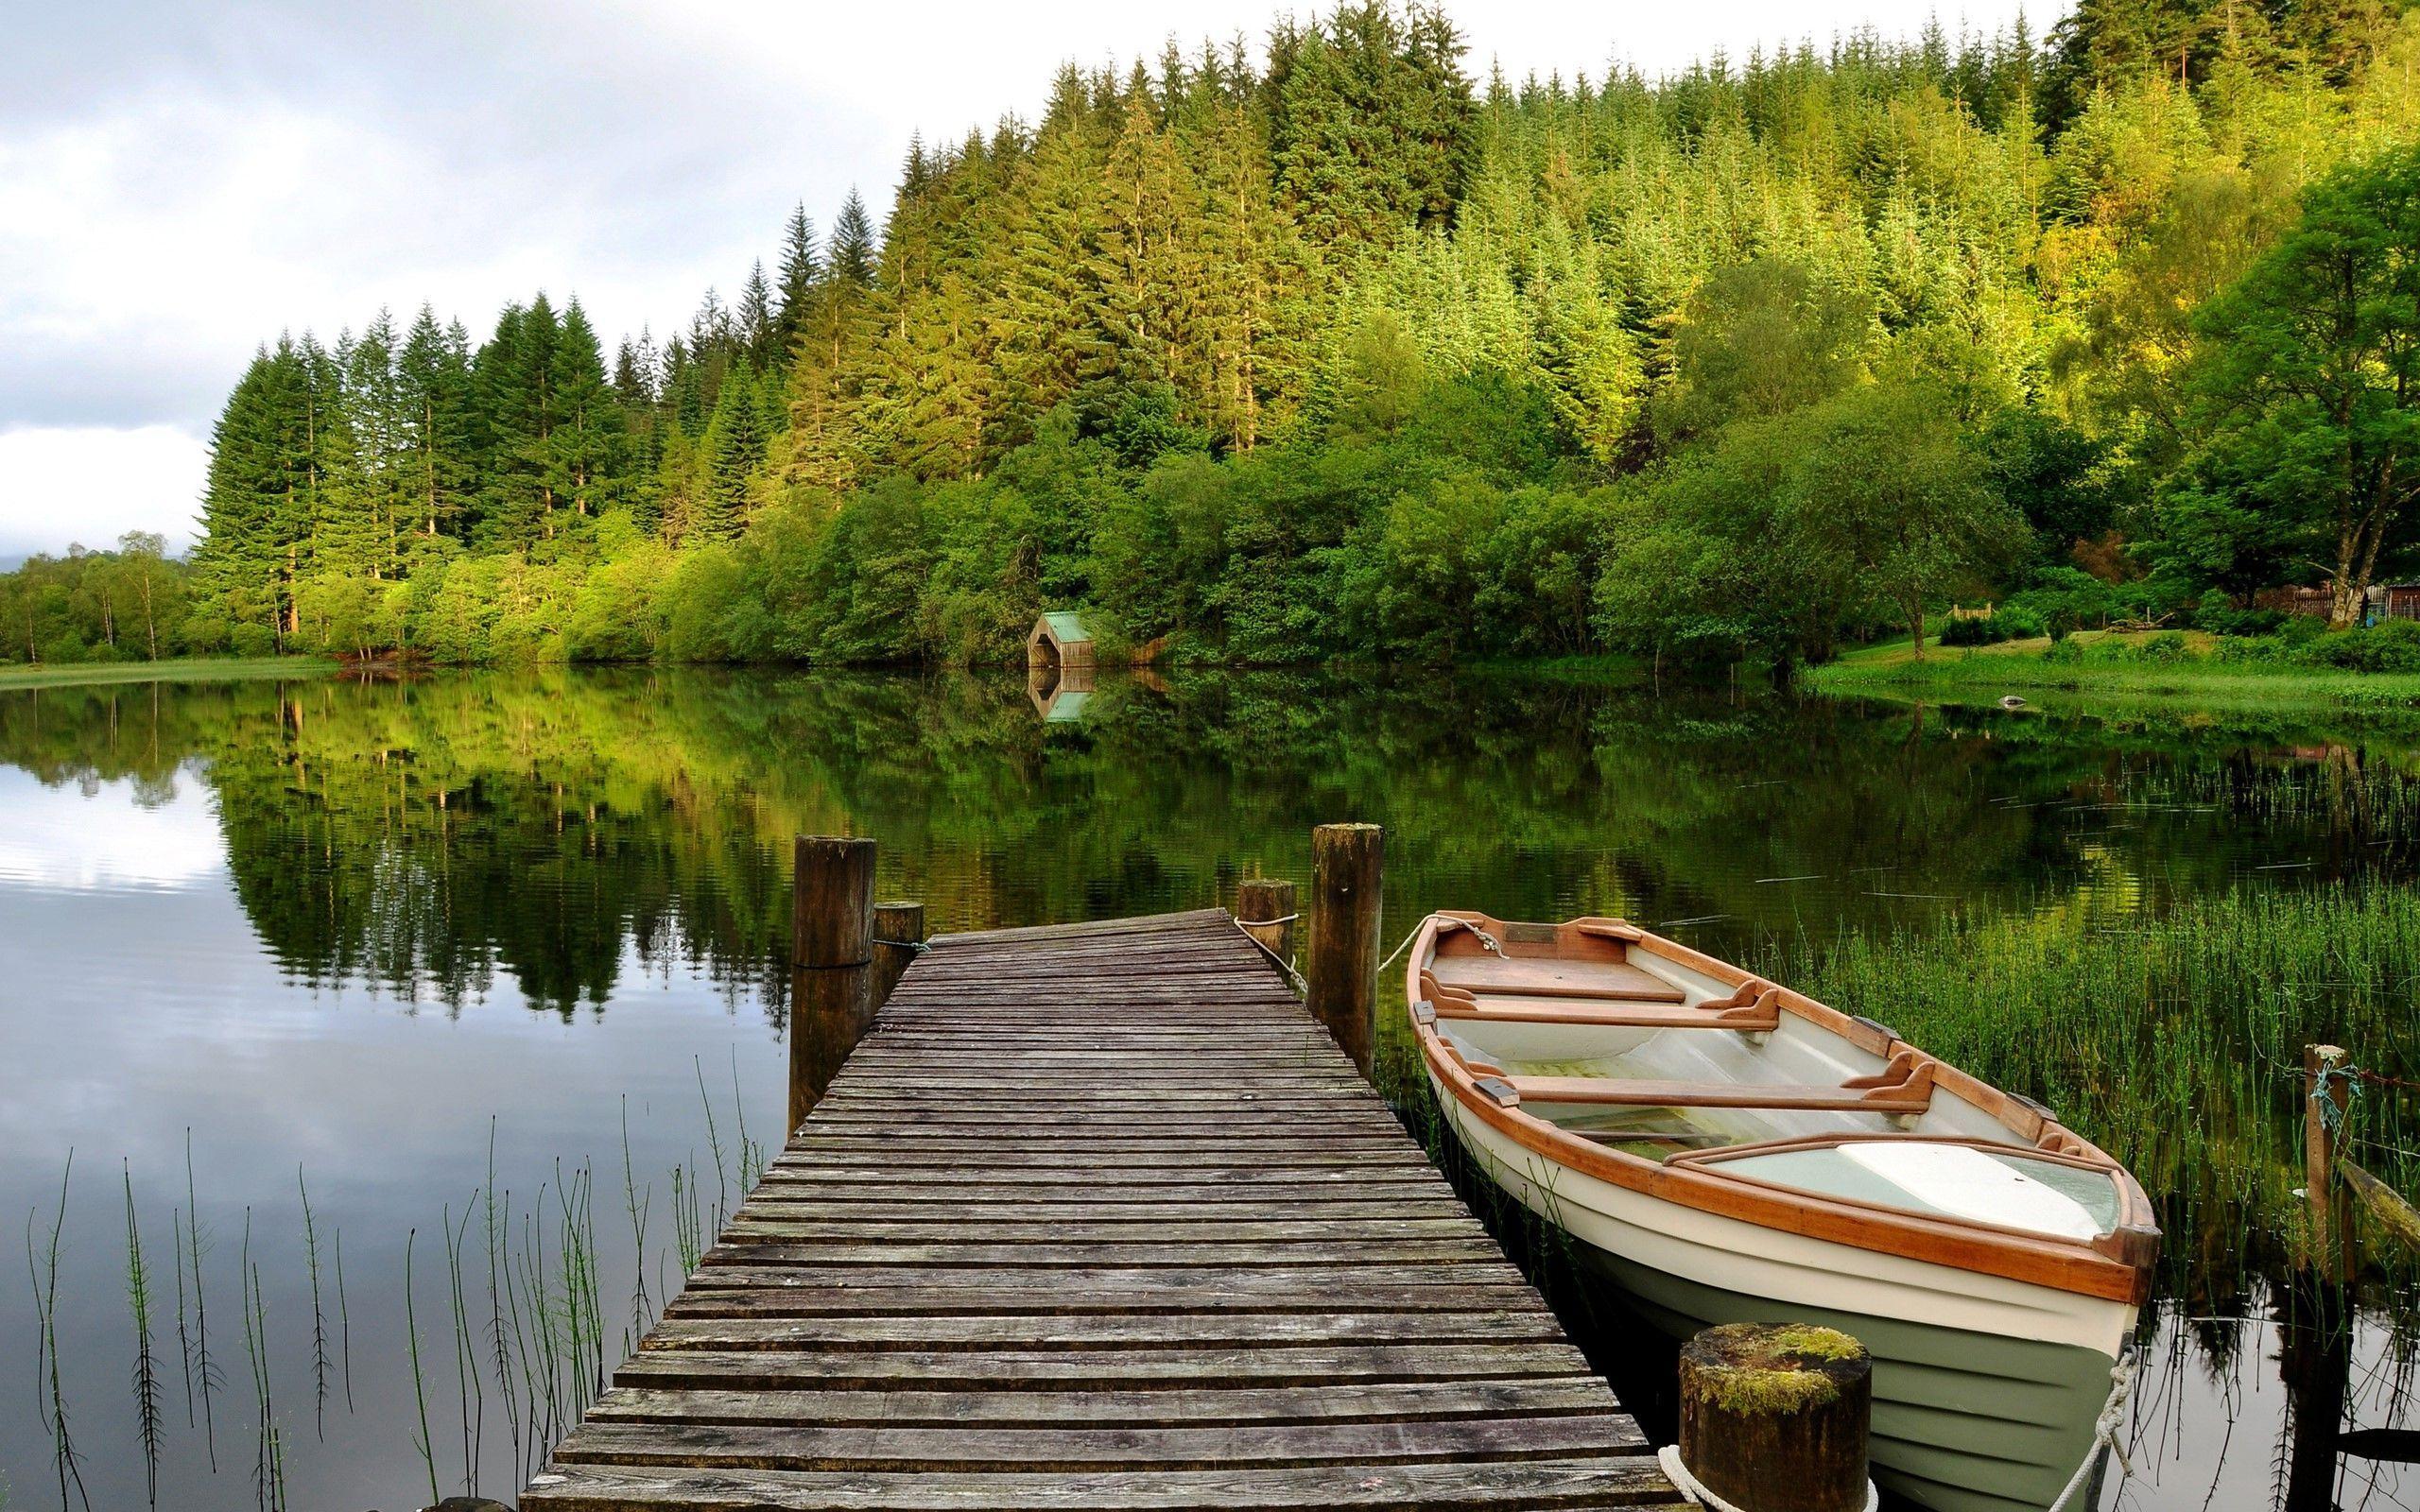 Boat along the wooden pier HD desktop wallpaper 2560x1600